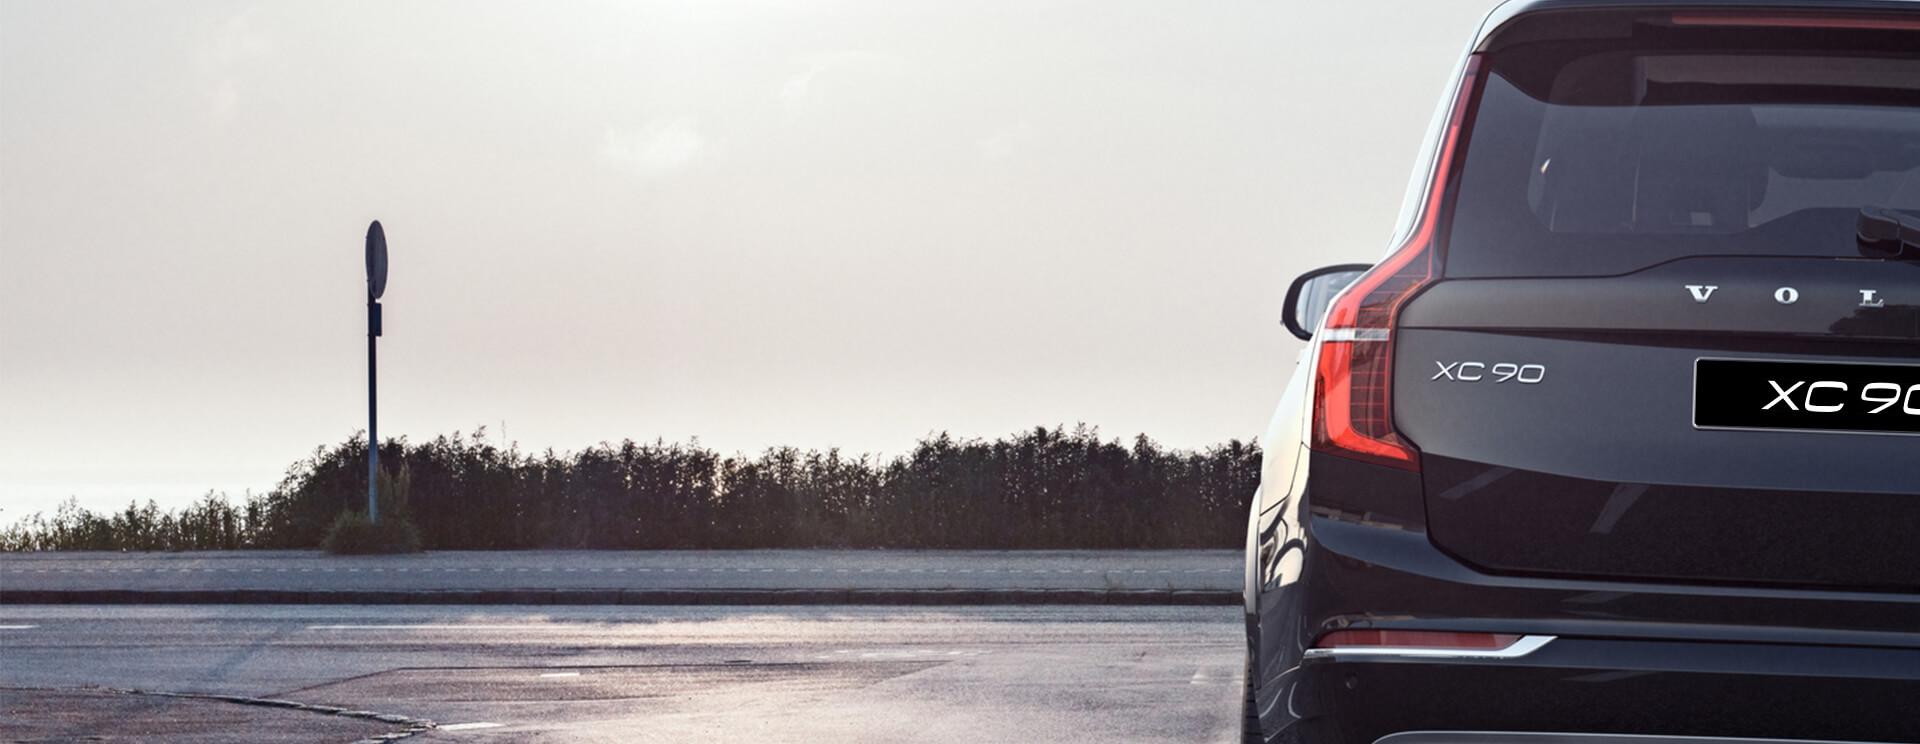 购车必看:沃尔沃 XC90 线上专享优惠 分期享2年0利率